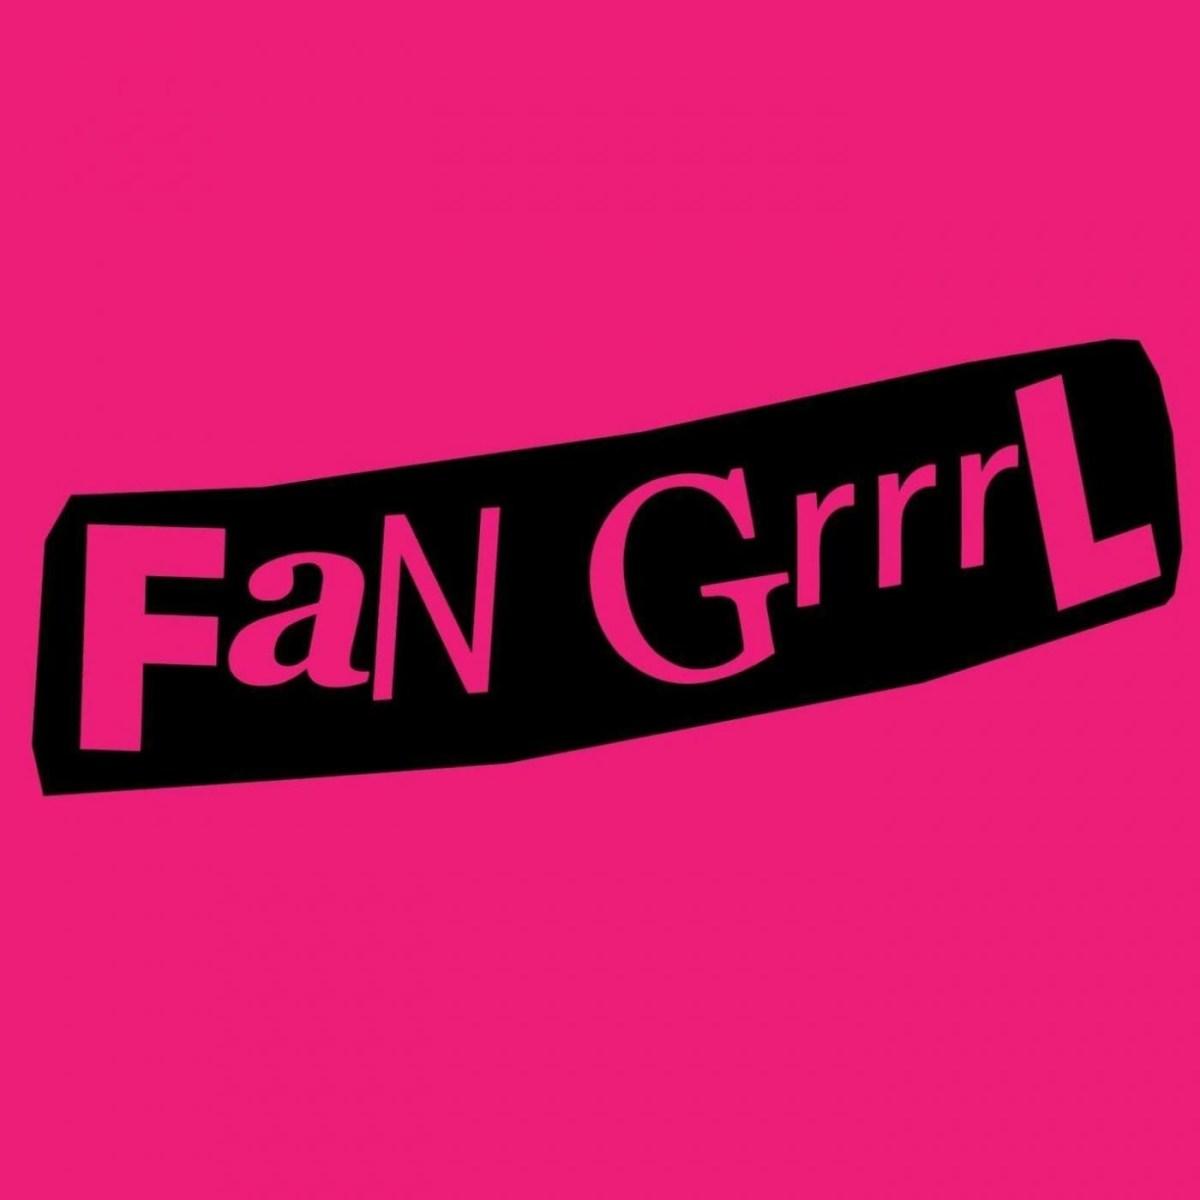 Fan Grrrl